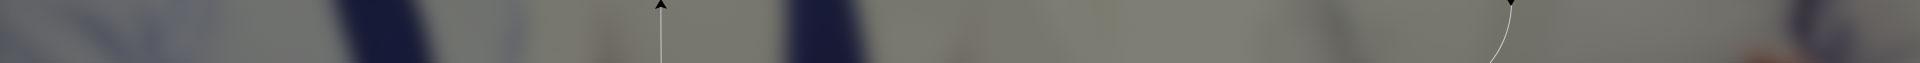 店铺万博体育manbetx app下载流程